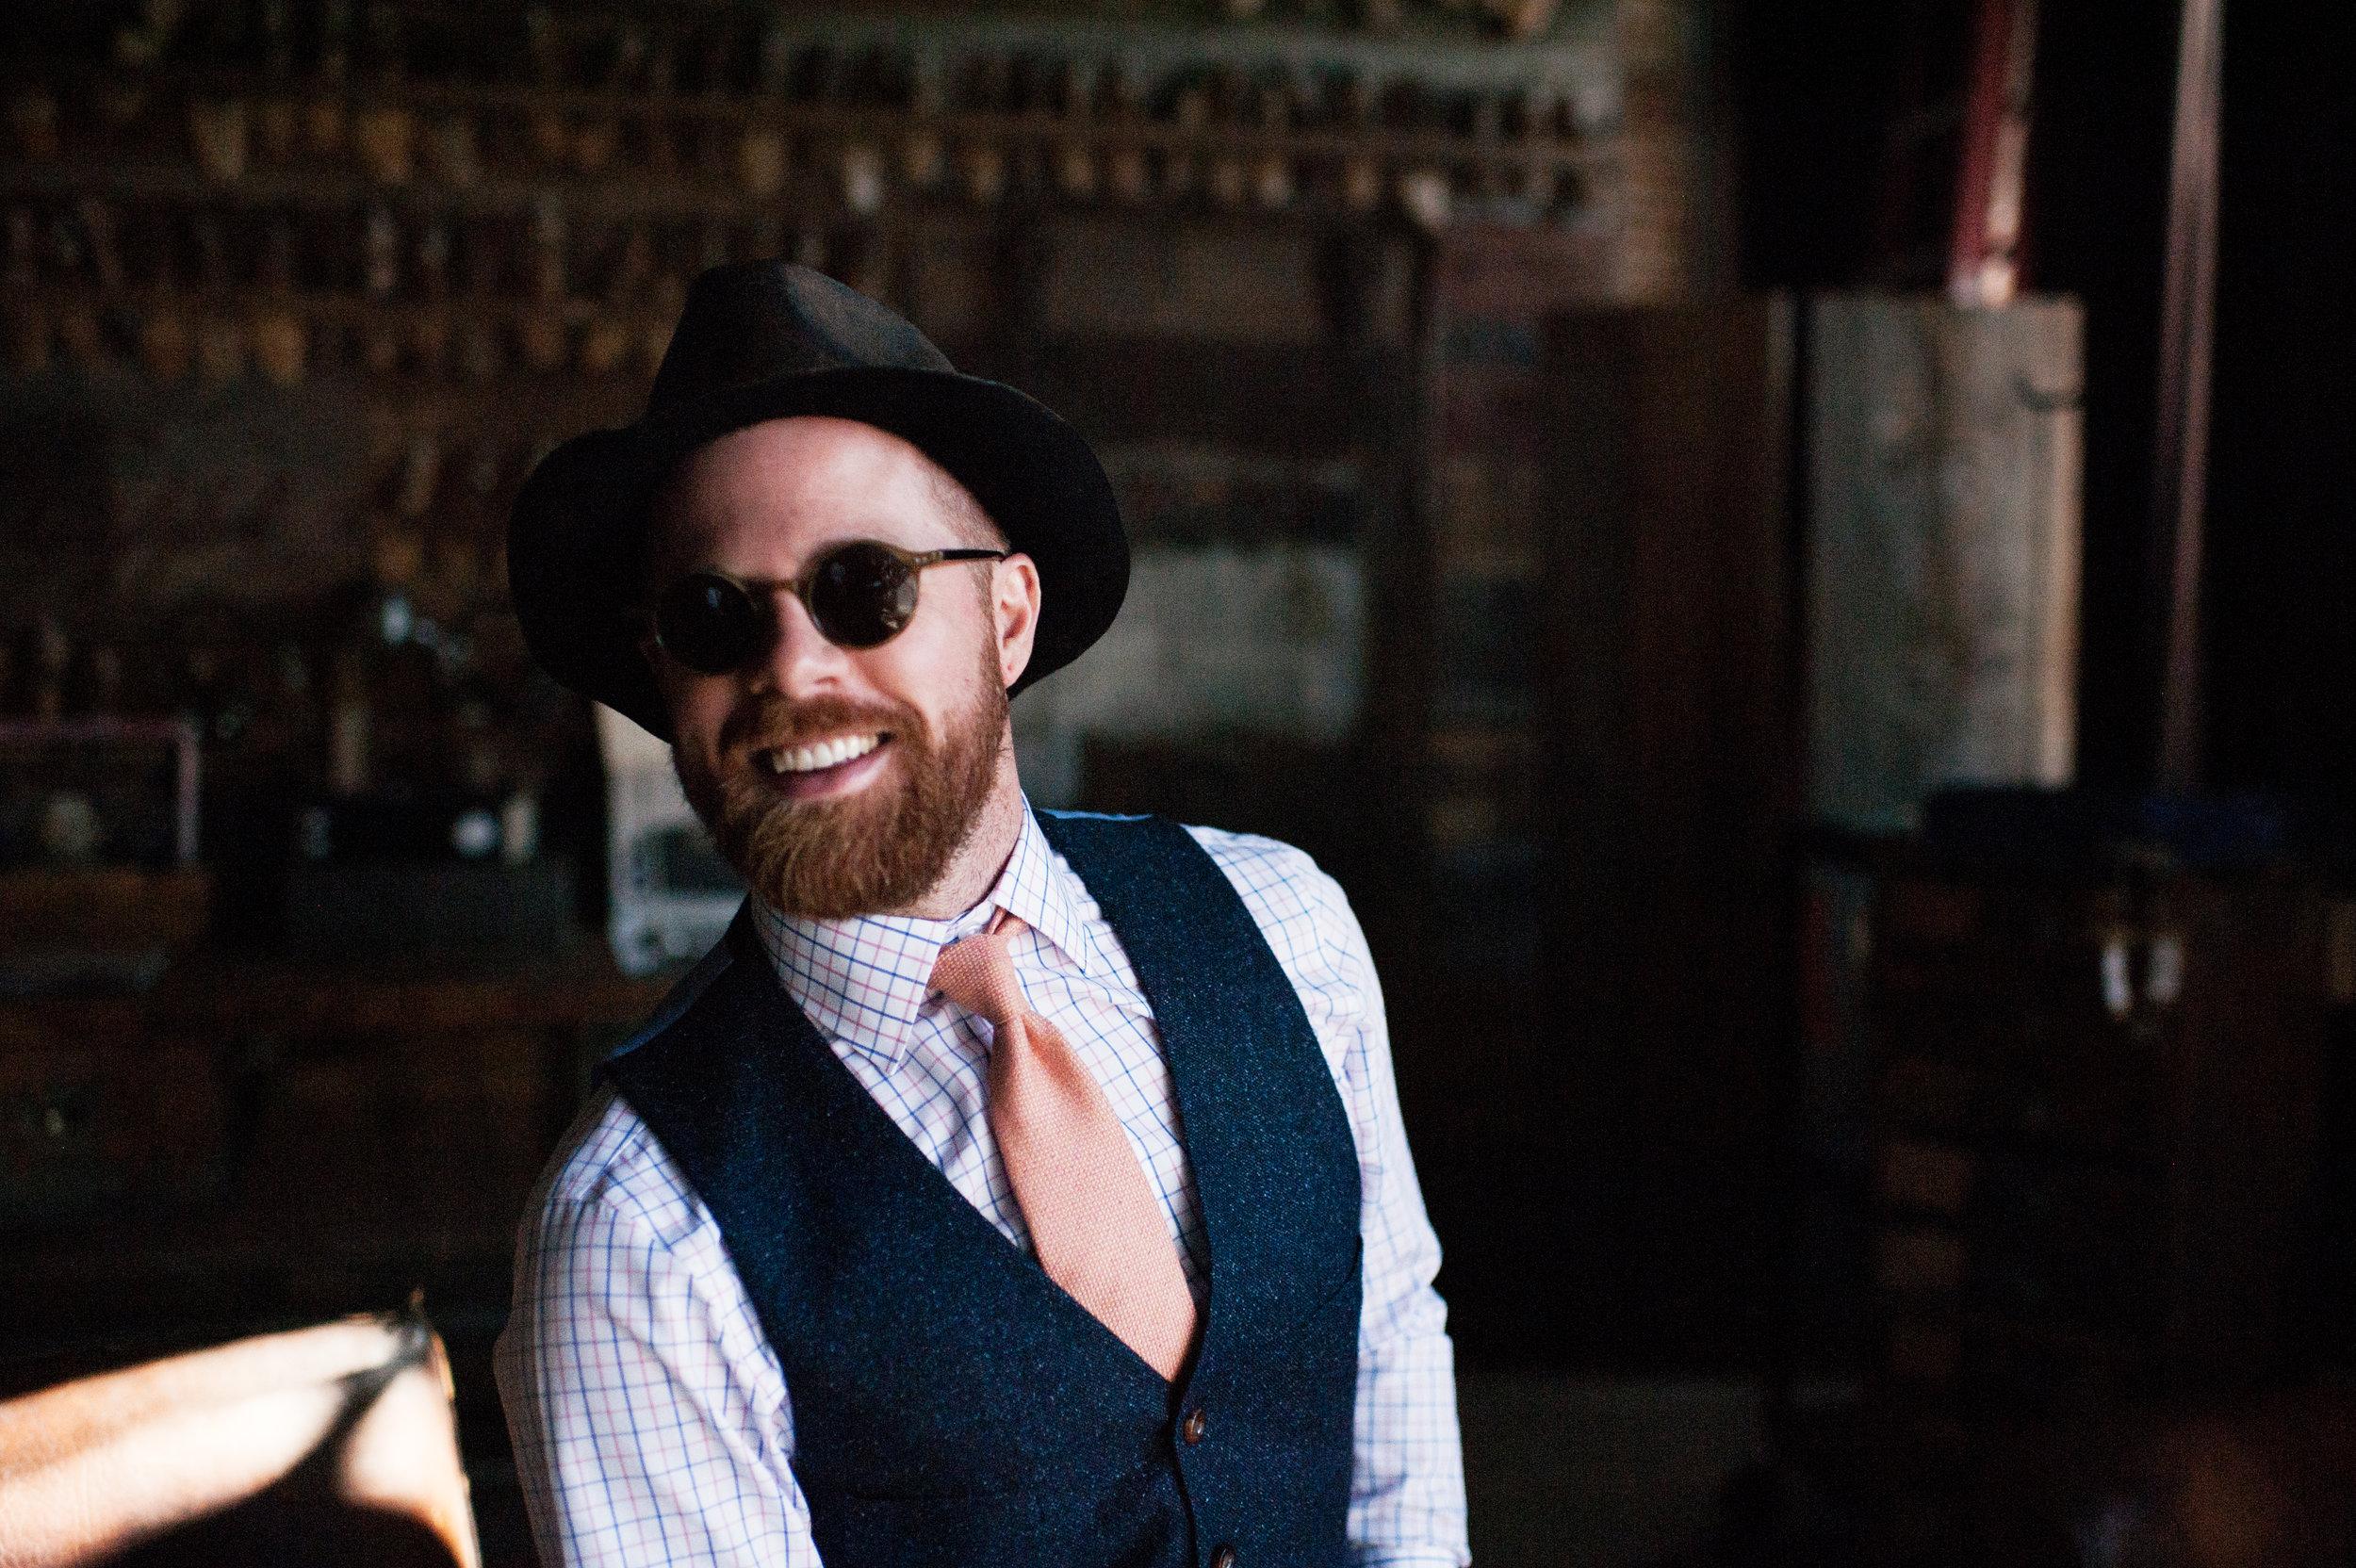 custom suit sunglasses hat